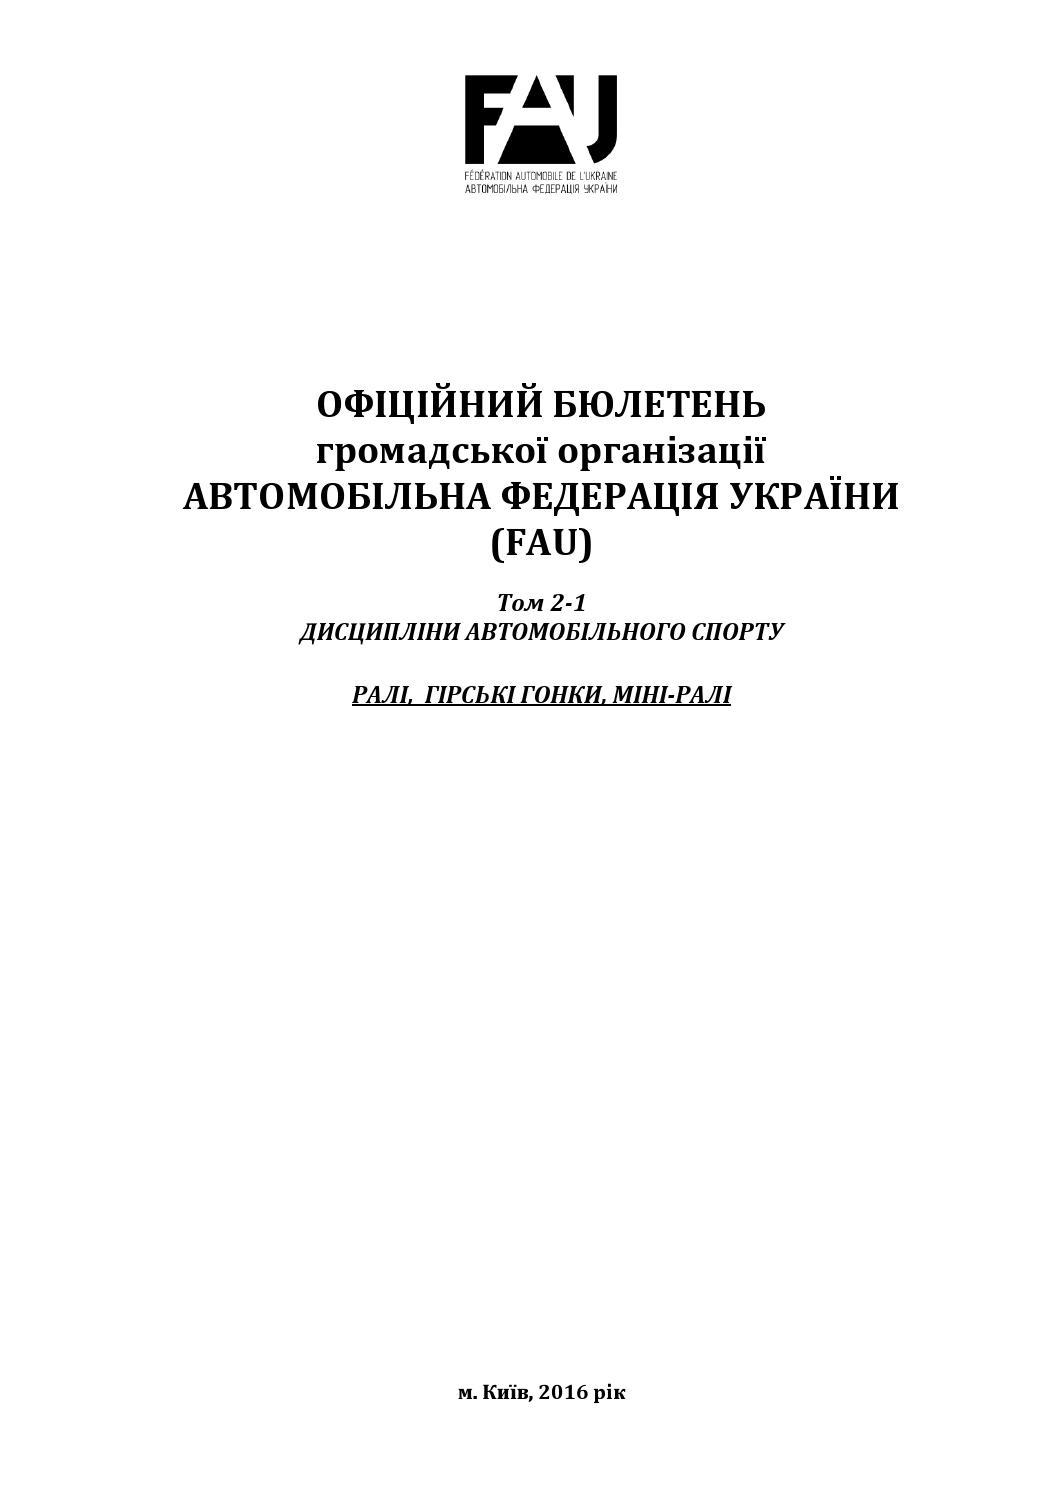 схема проводки на ваз 2108 1991 року випуску